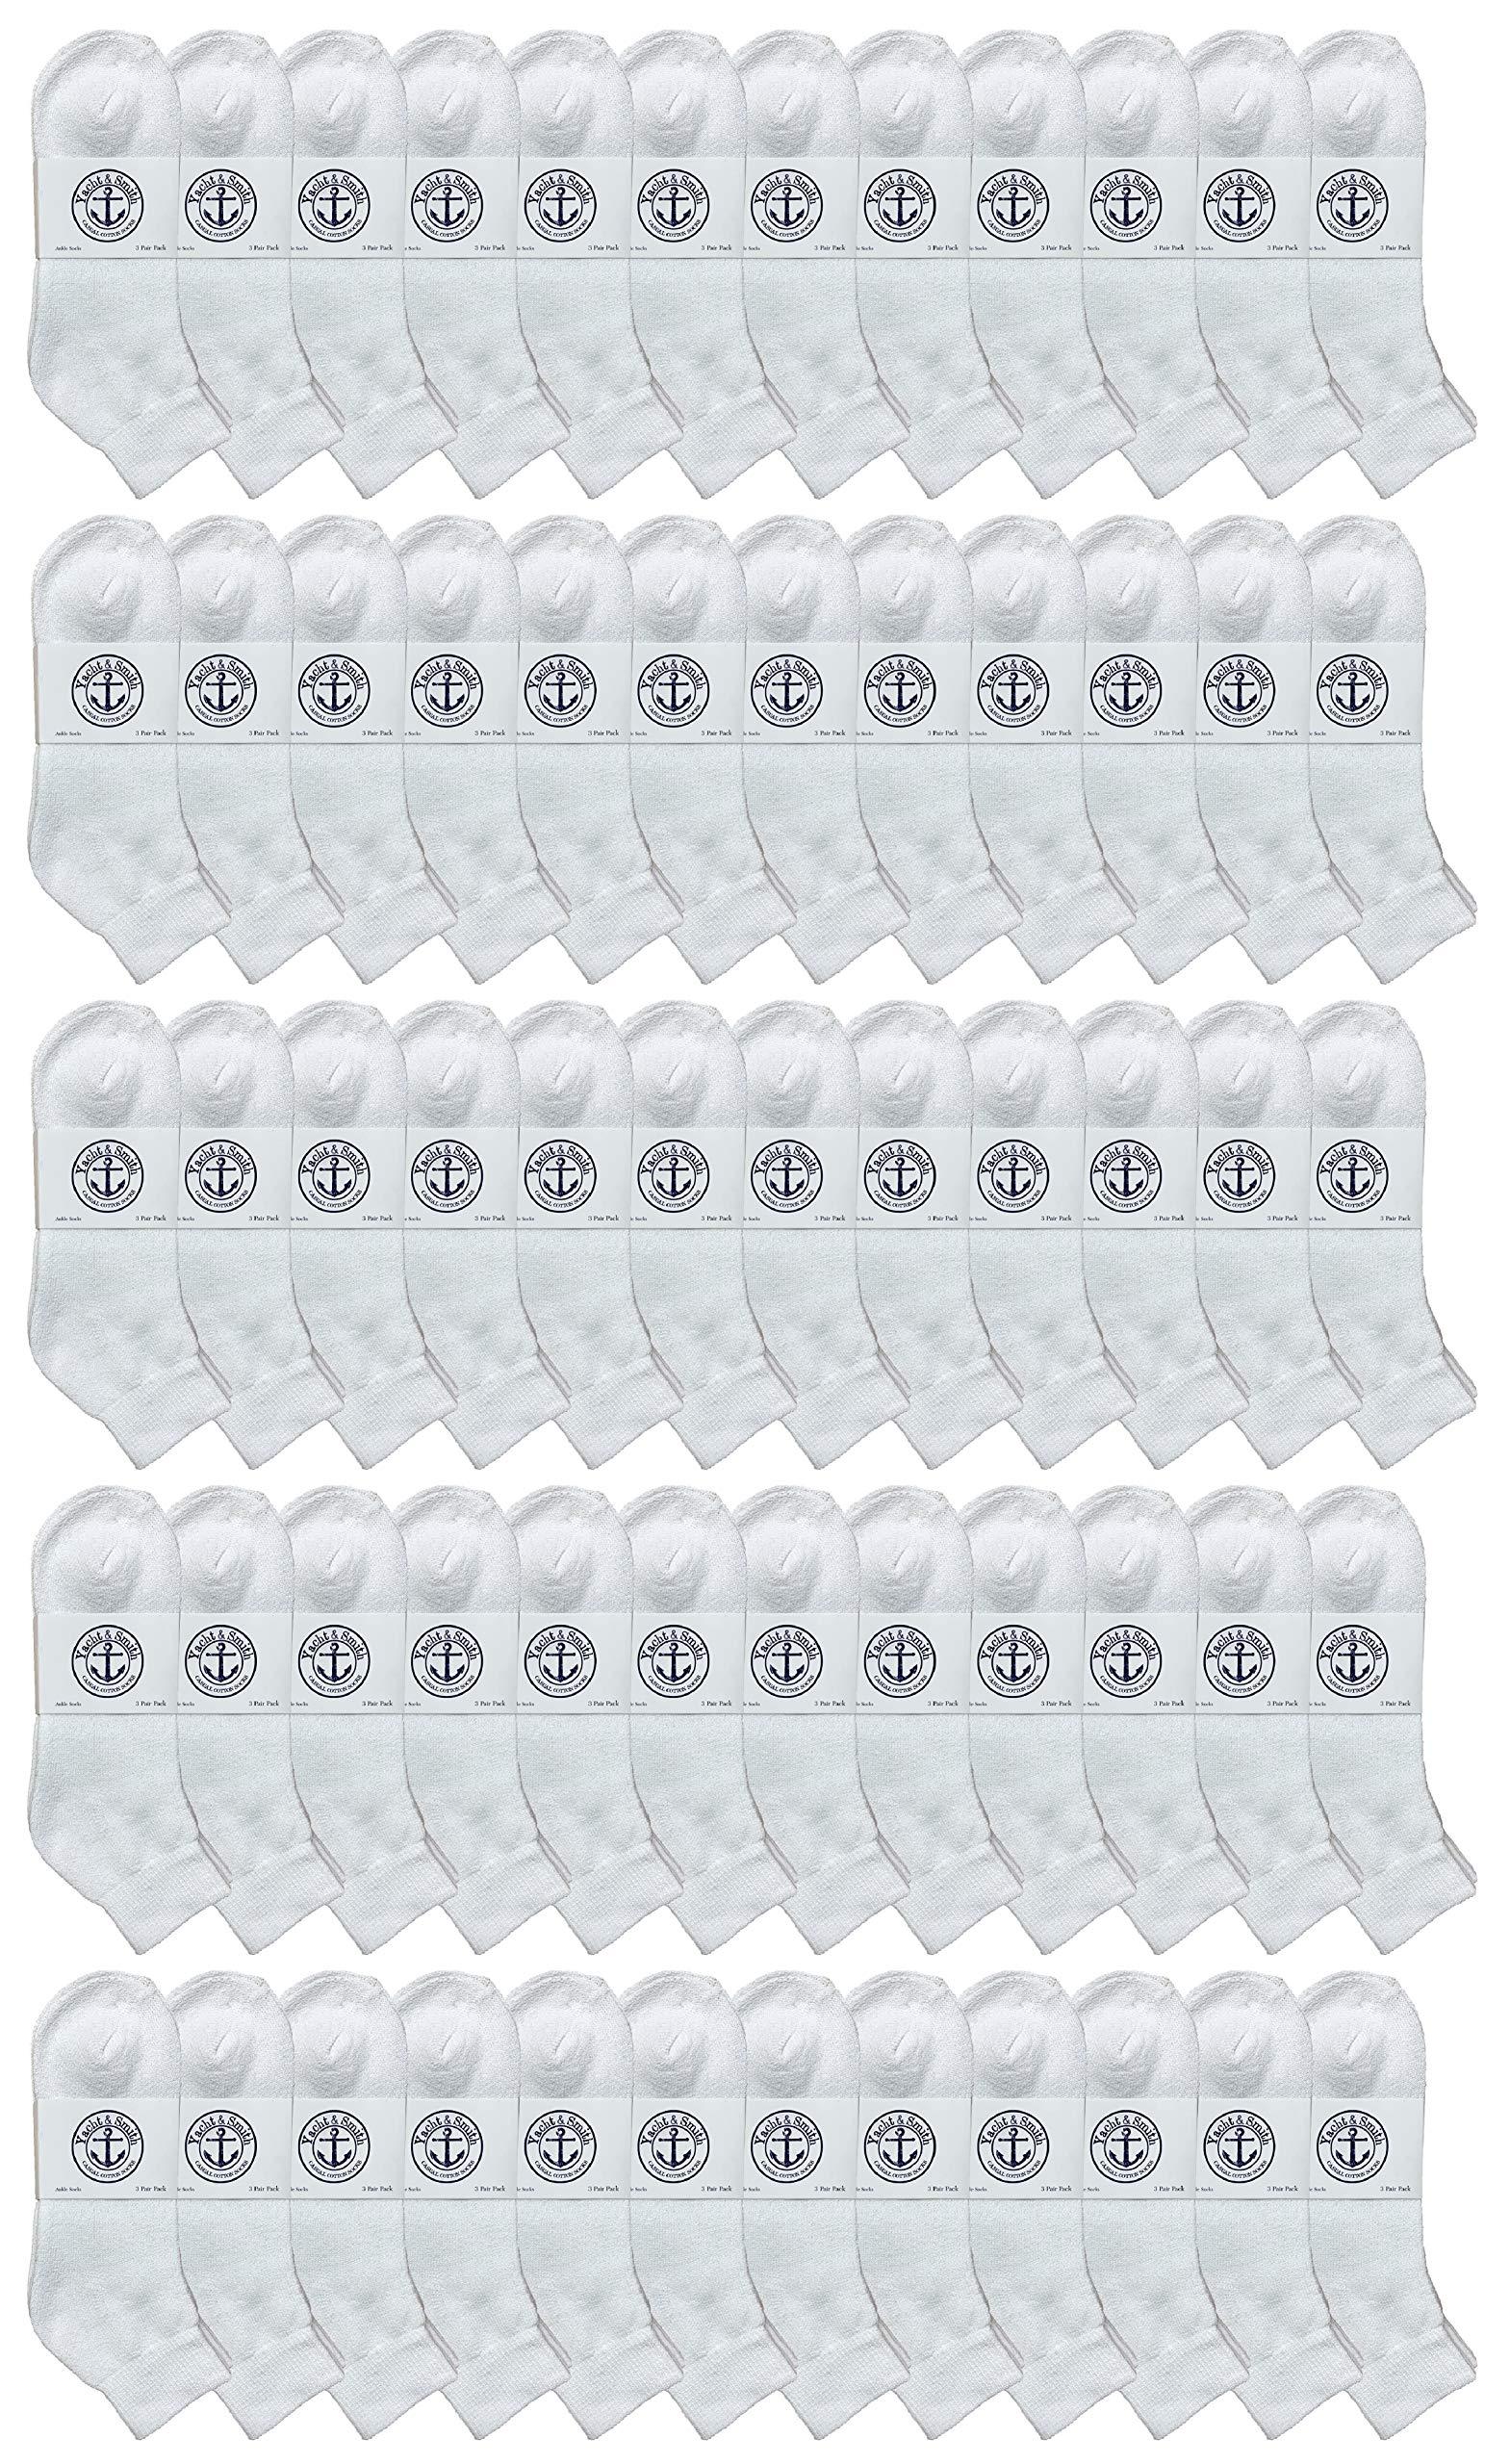 SOCKS'NBULK 60 Pairs Wholesale Bulk Sport Cotton Unisex Crew Socks, Ankle Socks, Value Deal (Kids White Ankle 6-8) by SOCKS'NBULK